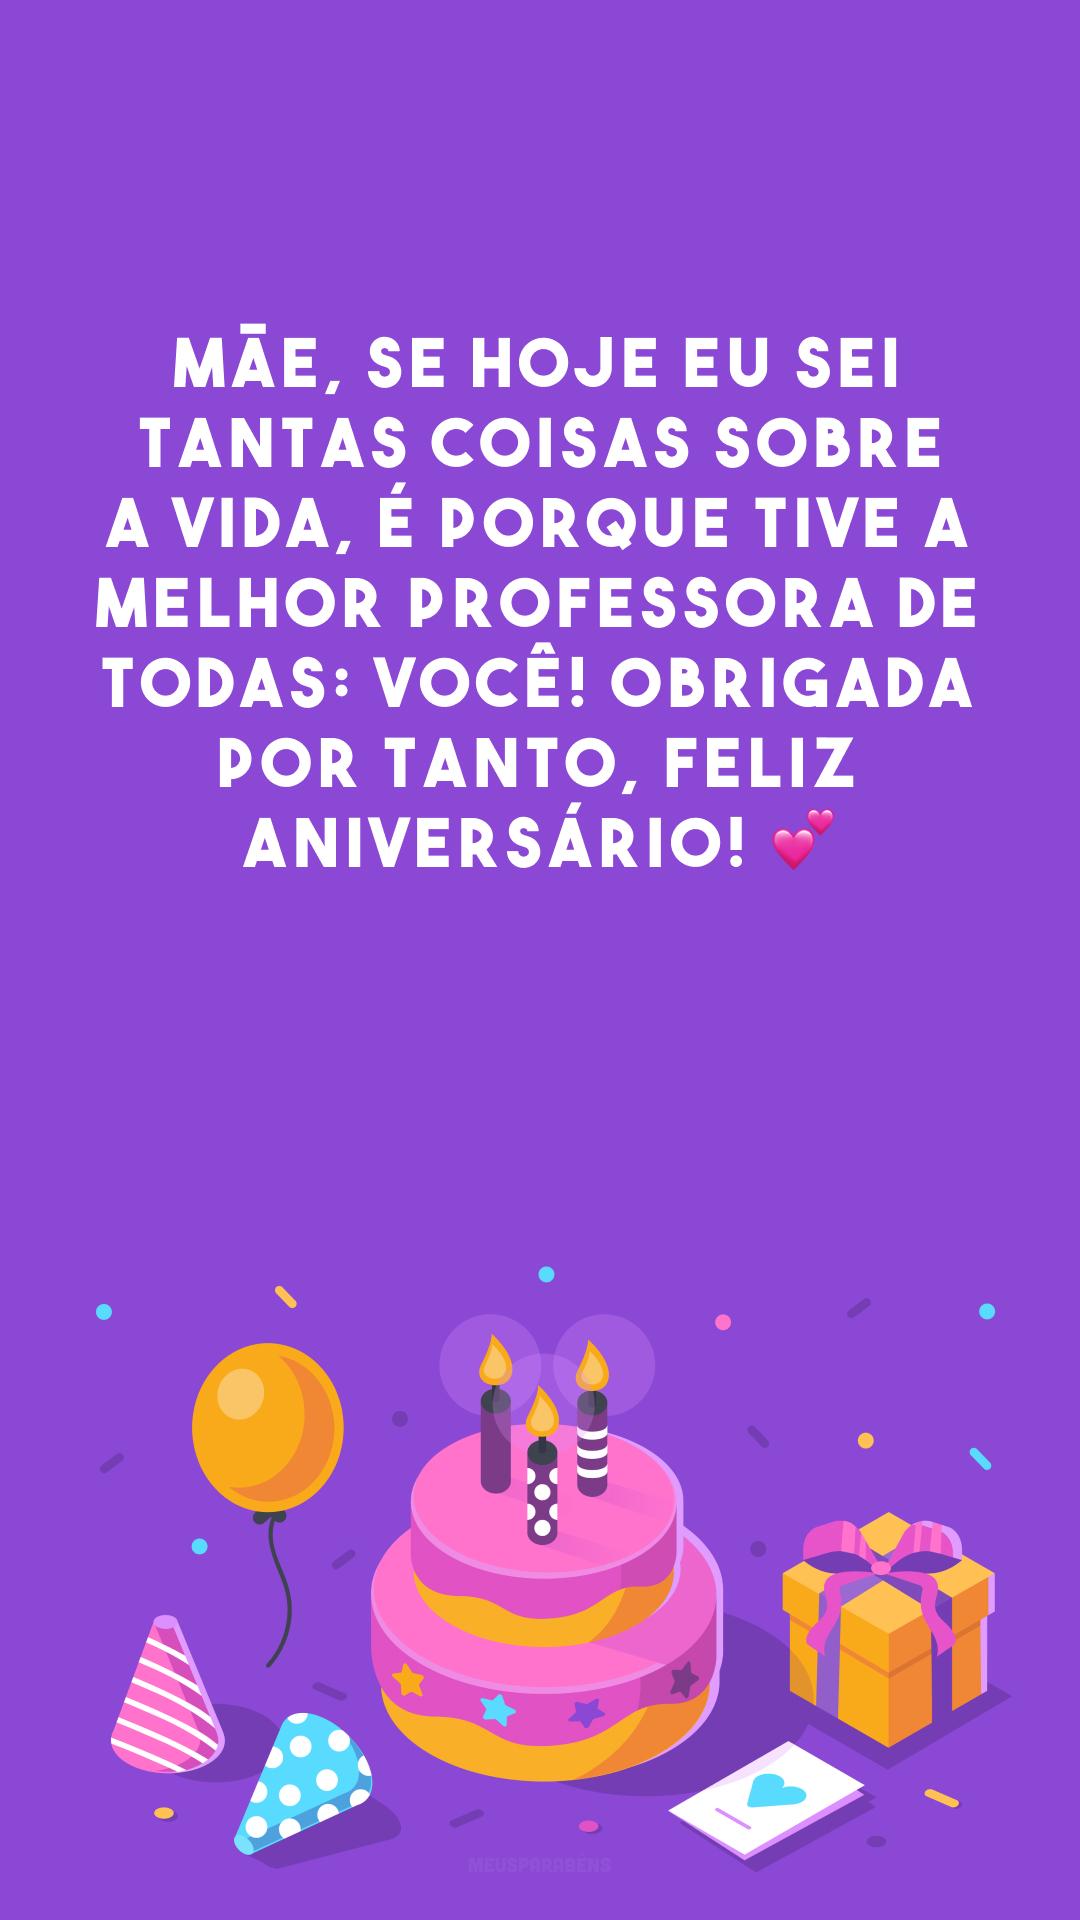 Mãe, se hoje eu sei tantas coisas sobre a vida, é porque tive a melhor professora de todas: você! Obrigada por tanto, feliz aniversário! 💕